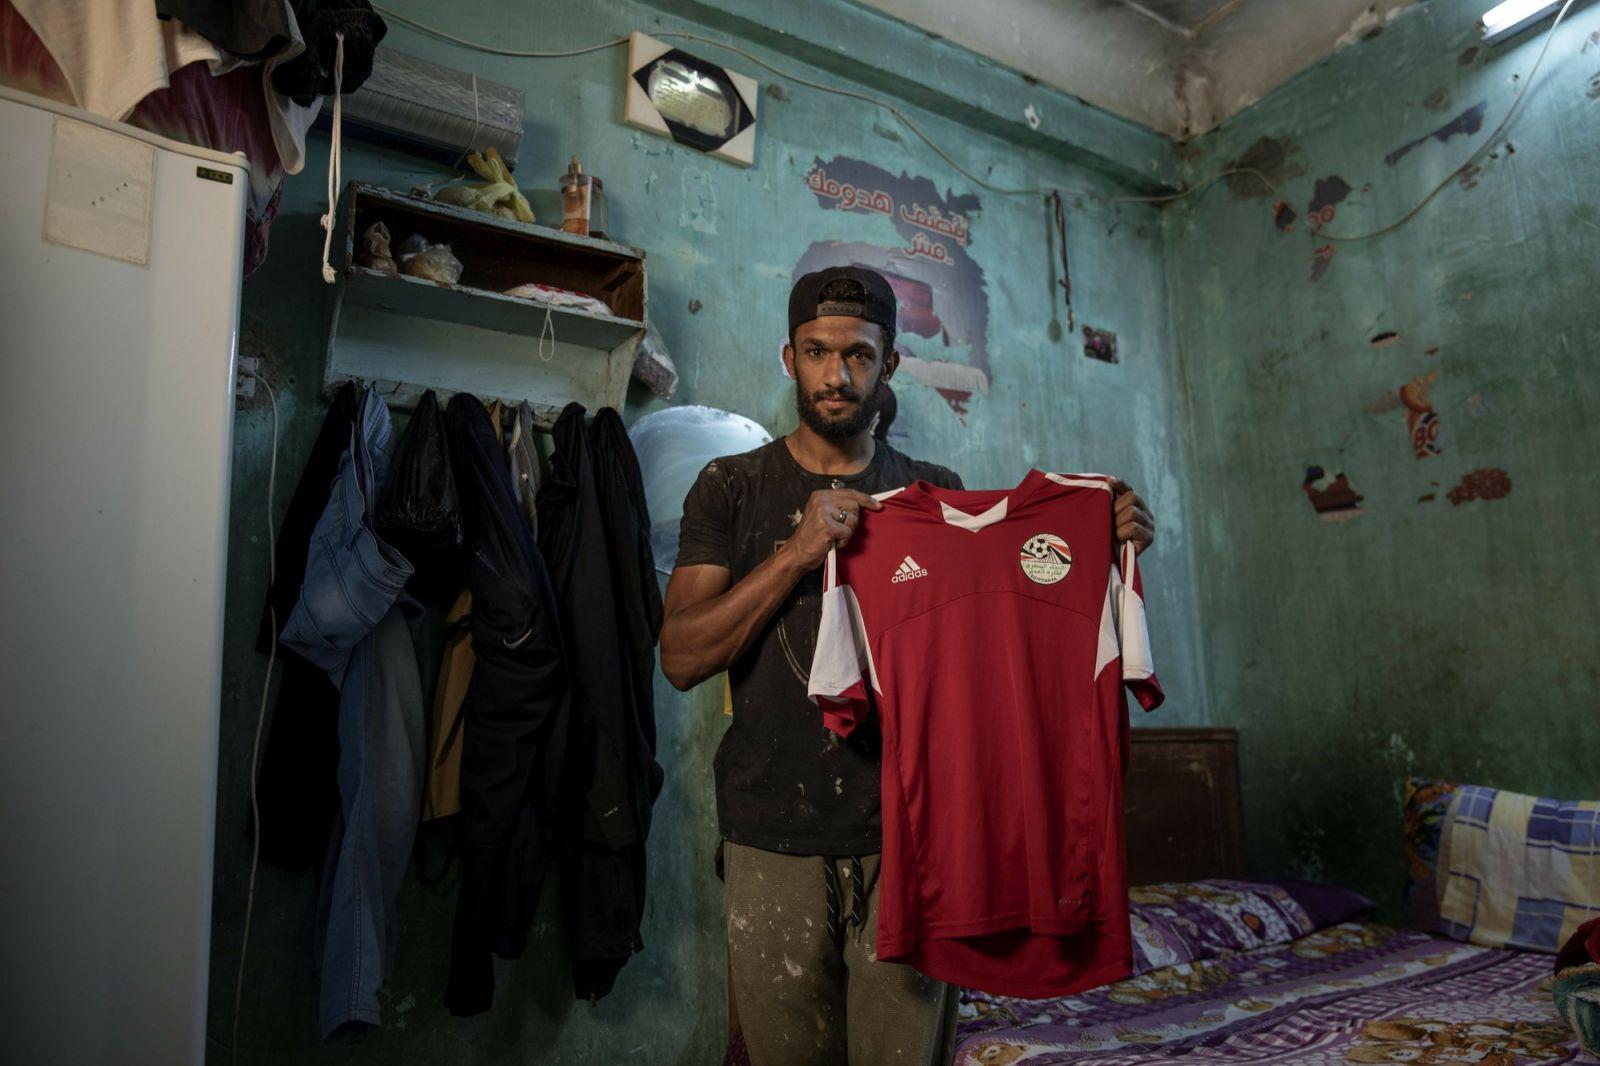 اللاعب بزي عامل البناء يرفع قميص ناديه